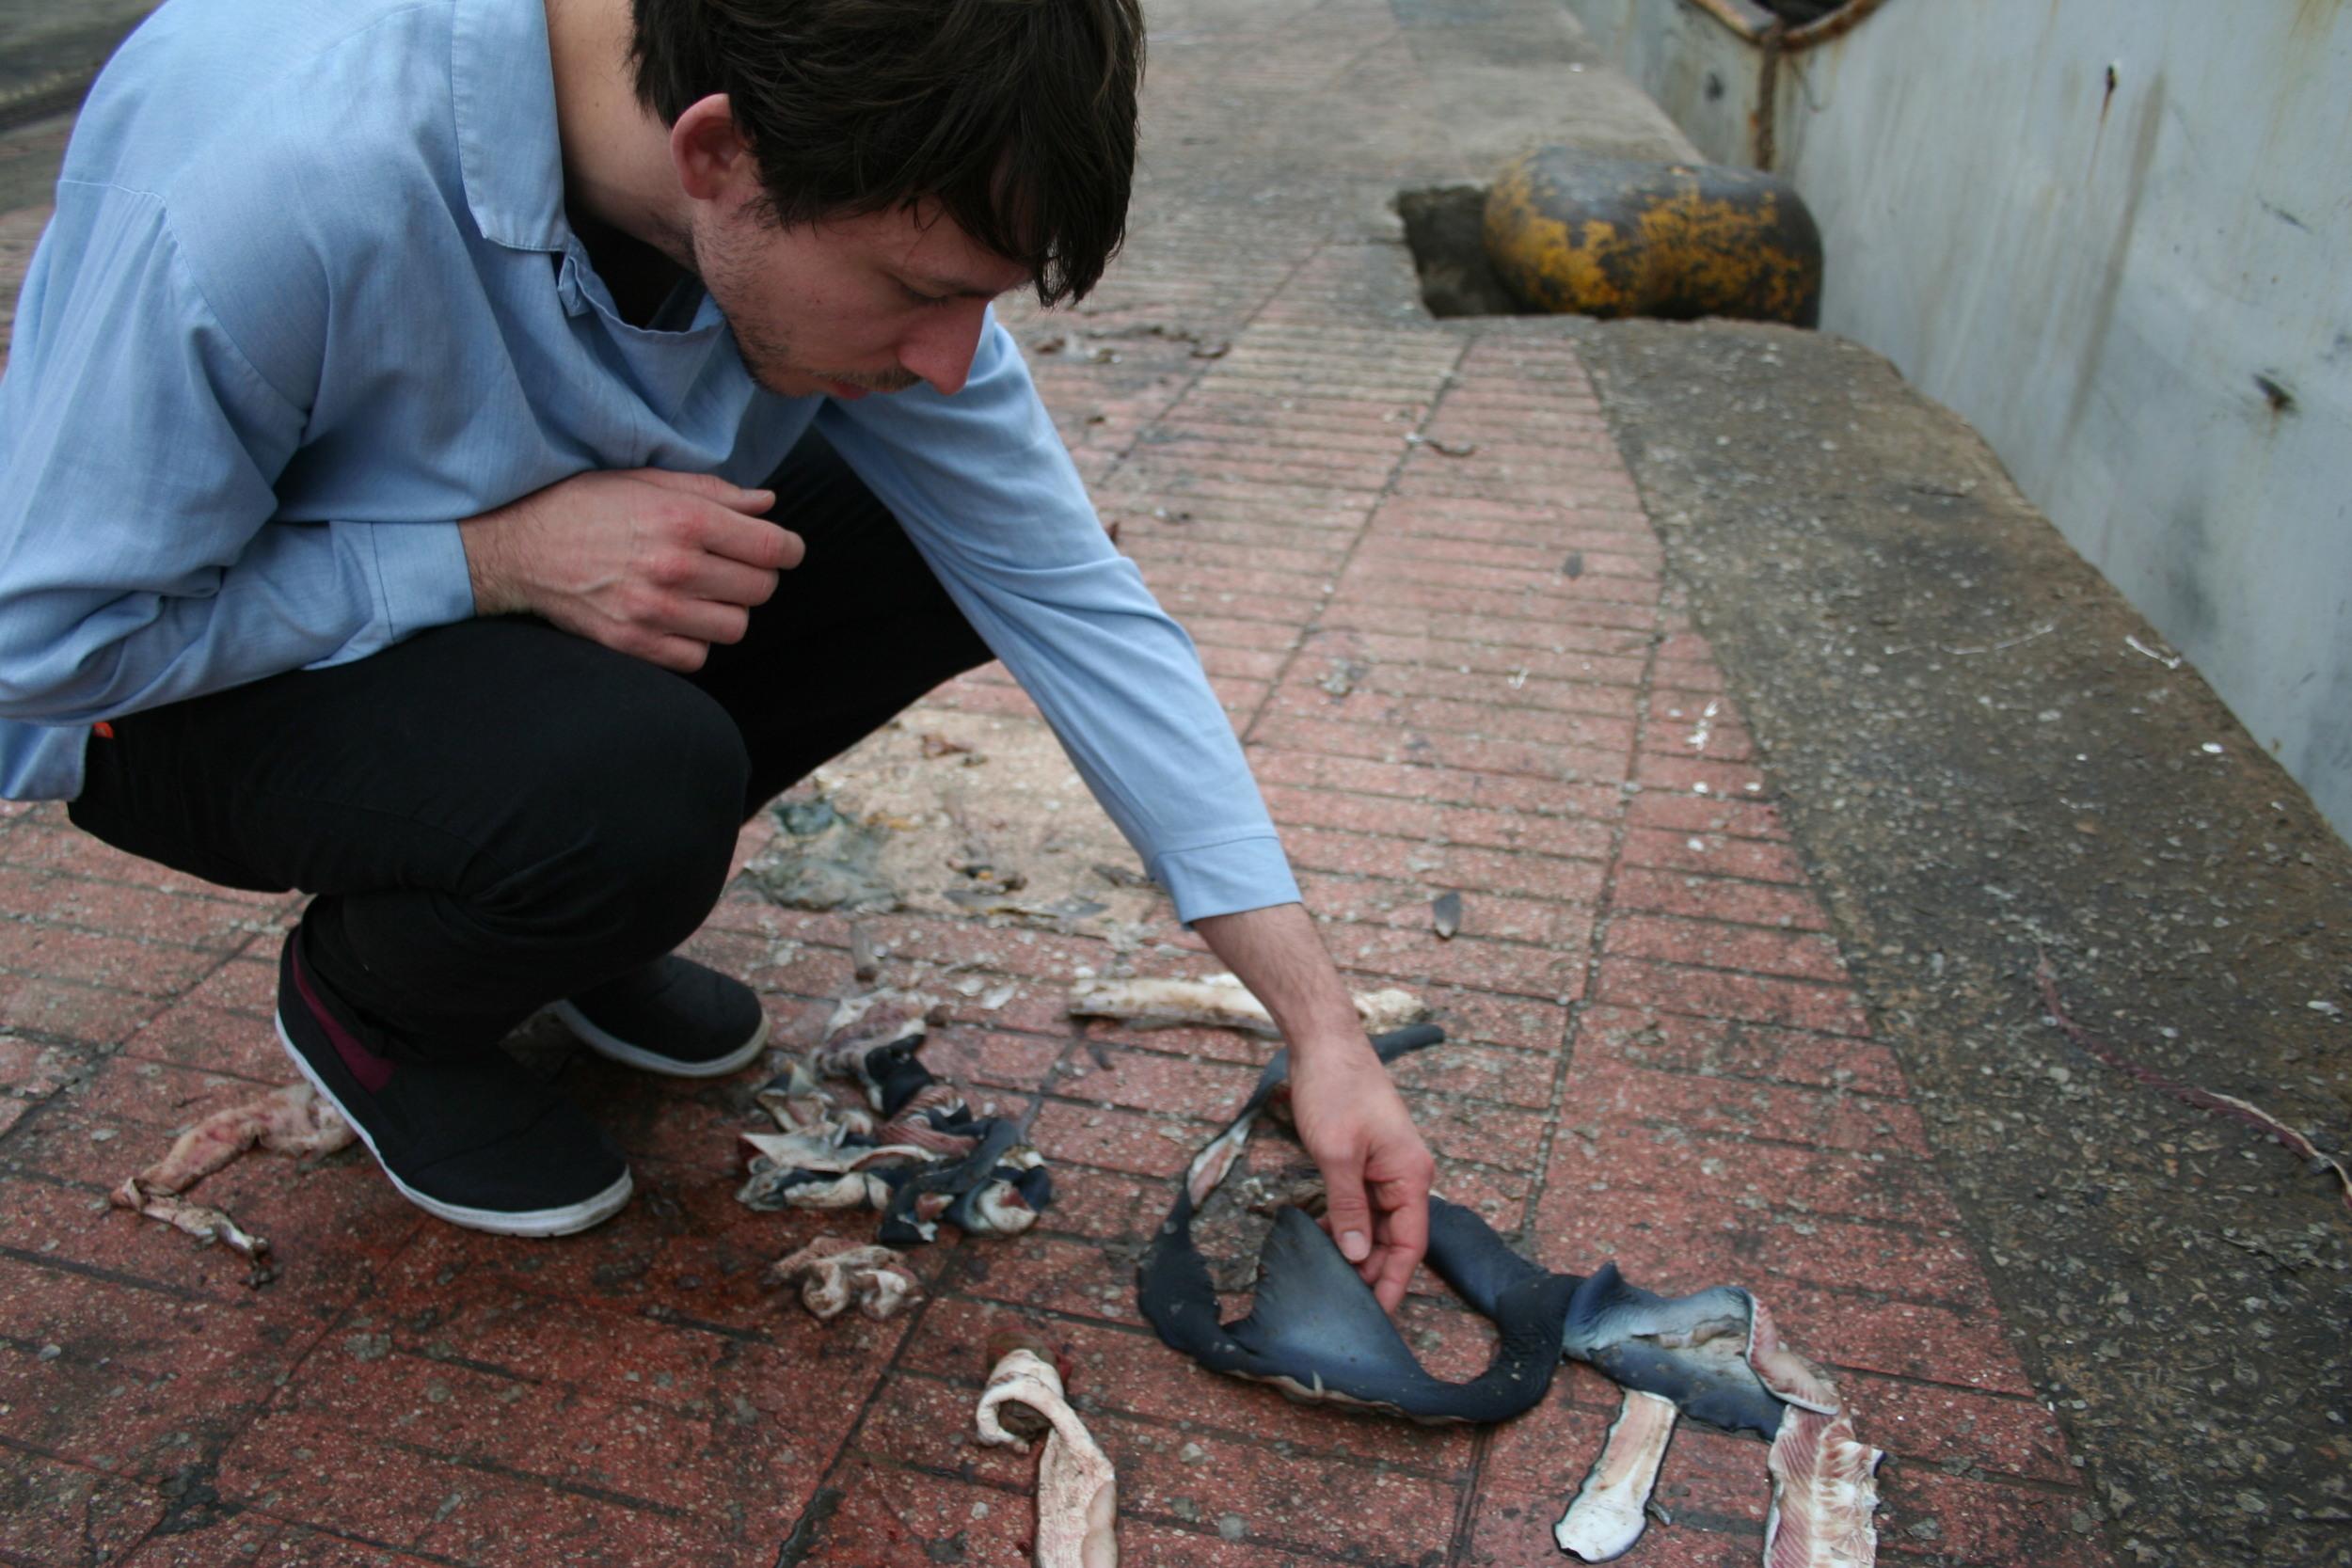 Image by Wietse Van der Werf - Phil inspecting Blue shark remains in Casablanca.